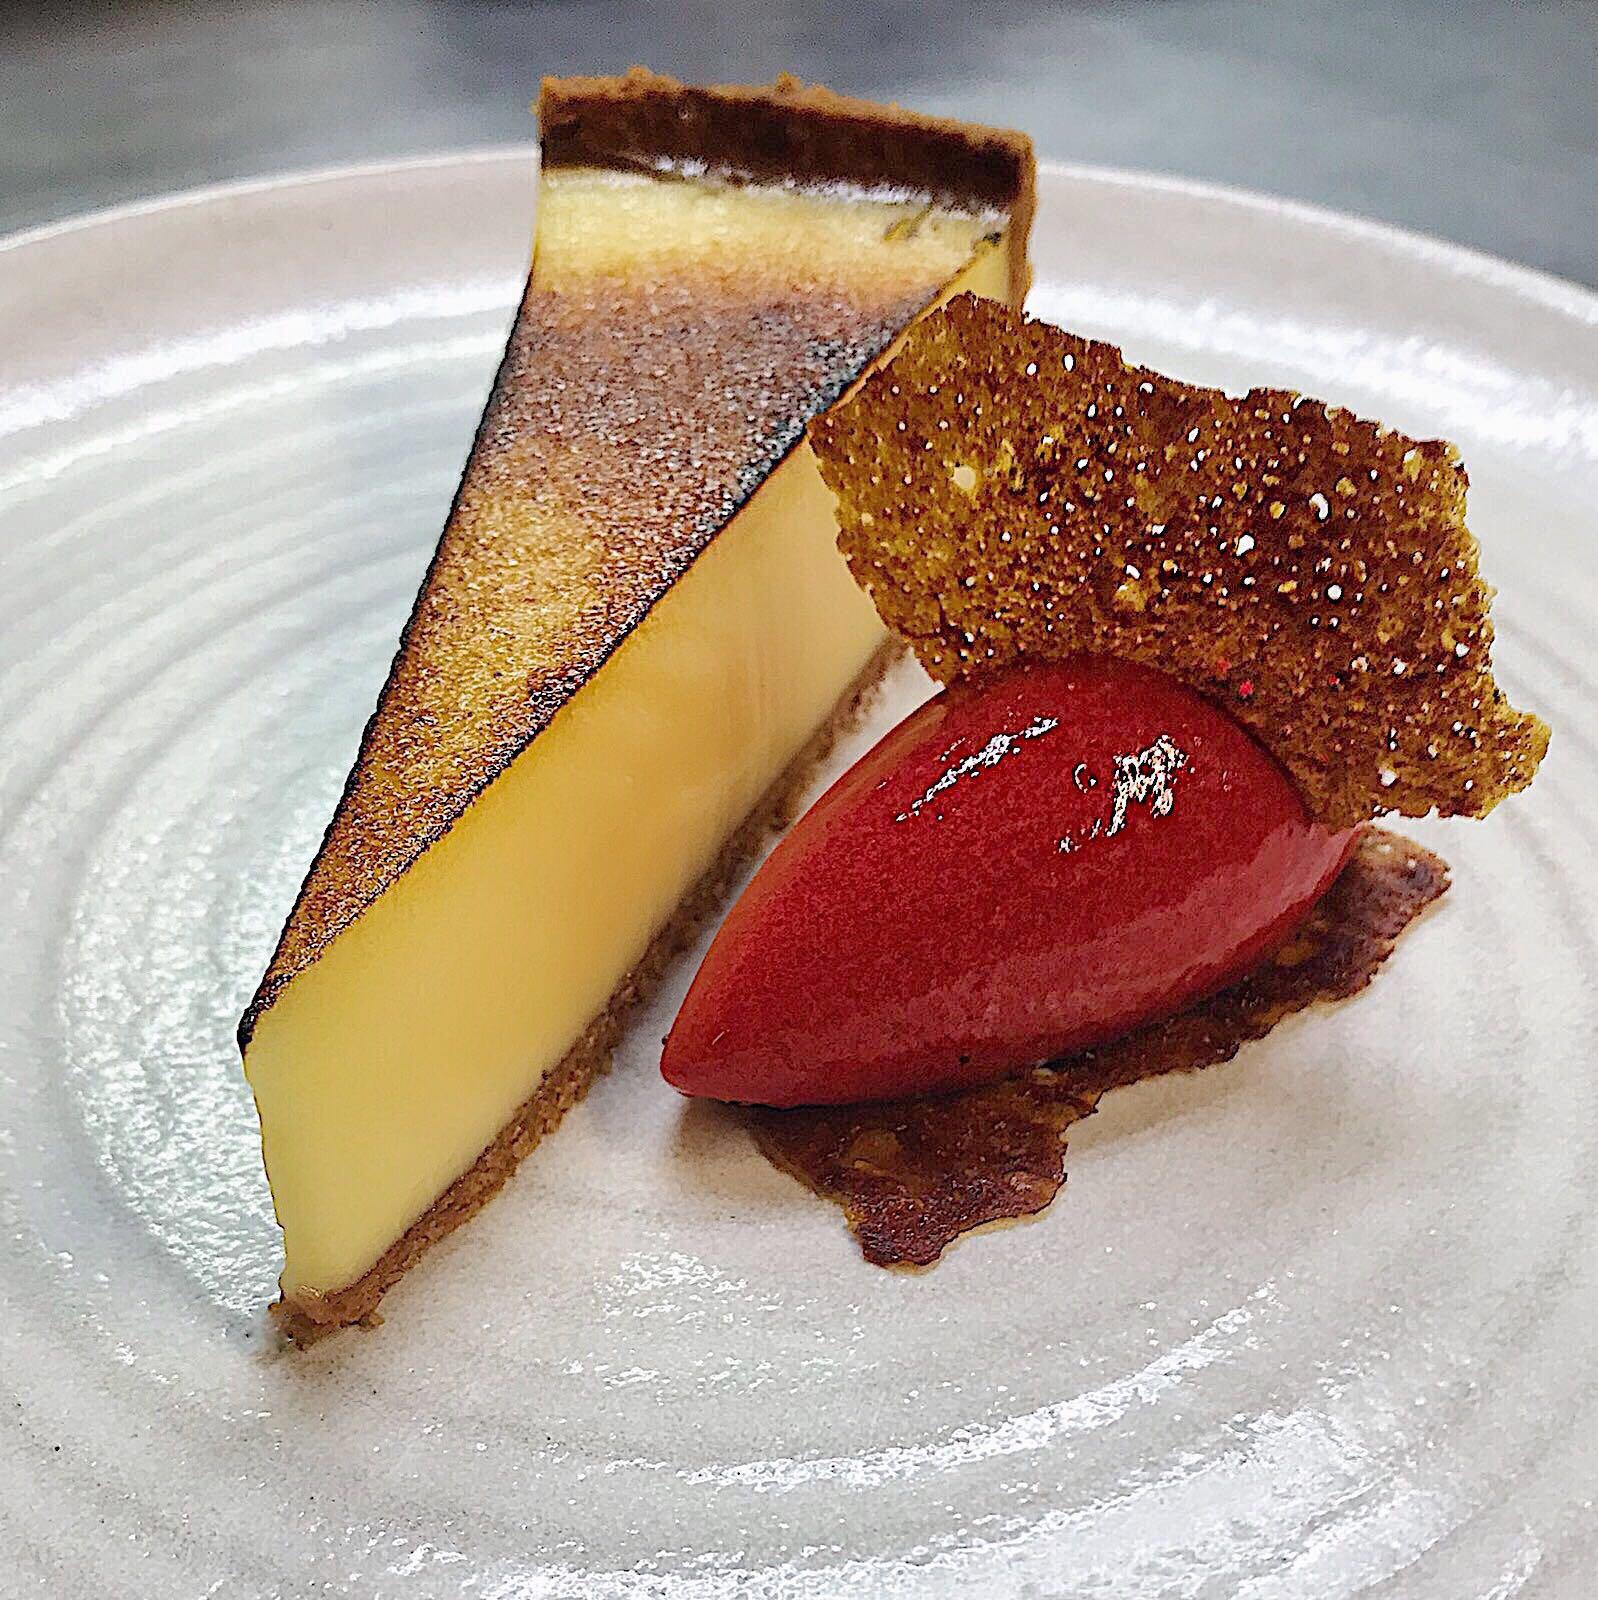 Lemon tart with raspberry sorbet   Tom De Keyser%2C The Coach